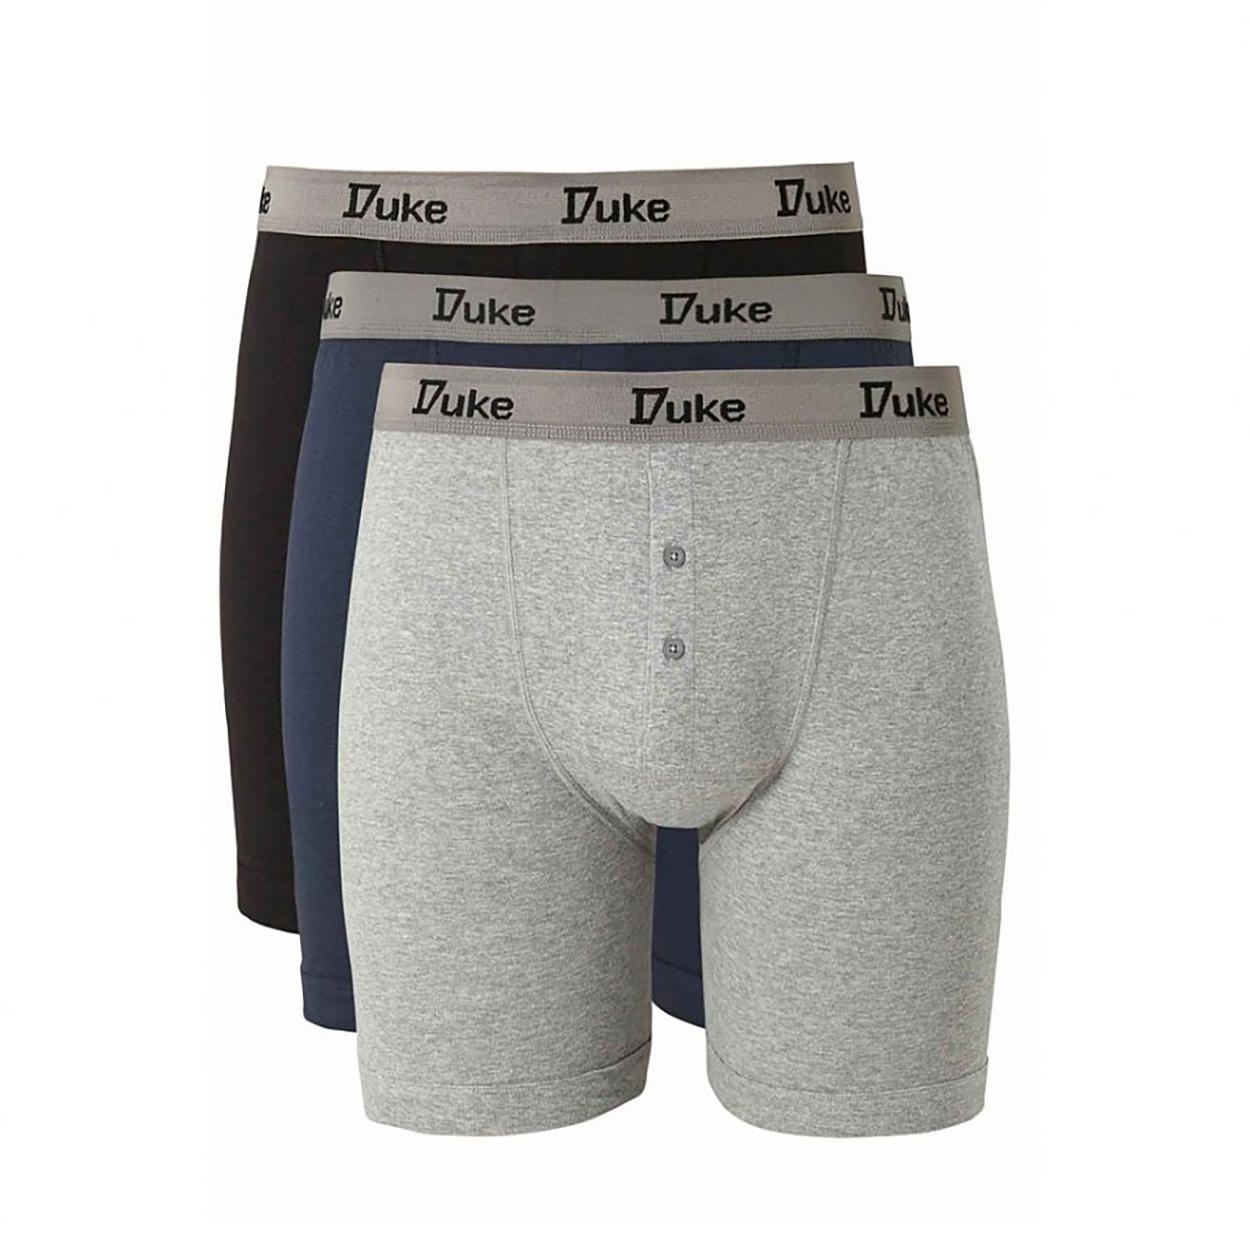 Duke-London-Mens-Driver-Kingsize-Cotton-Boxer-Shorts-Pack-Of-3